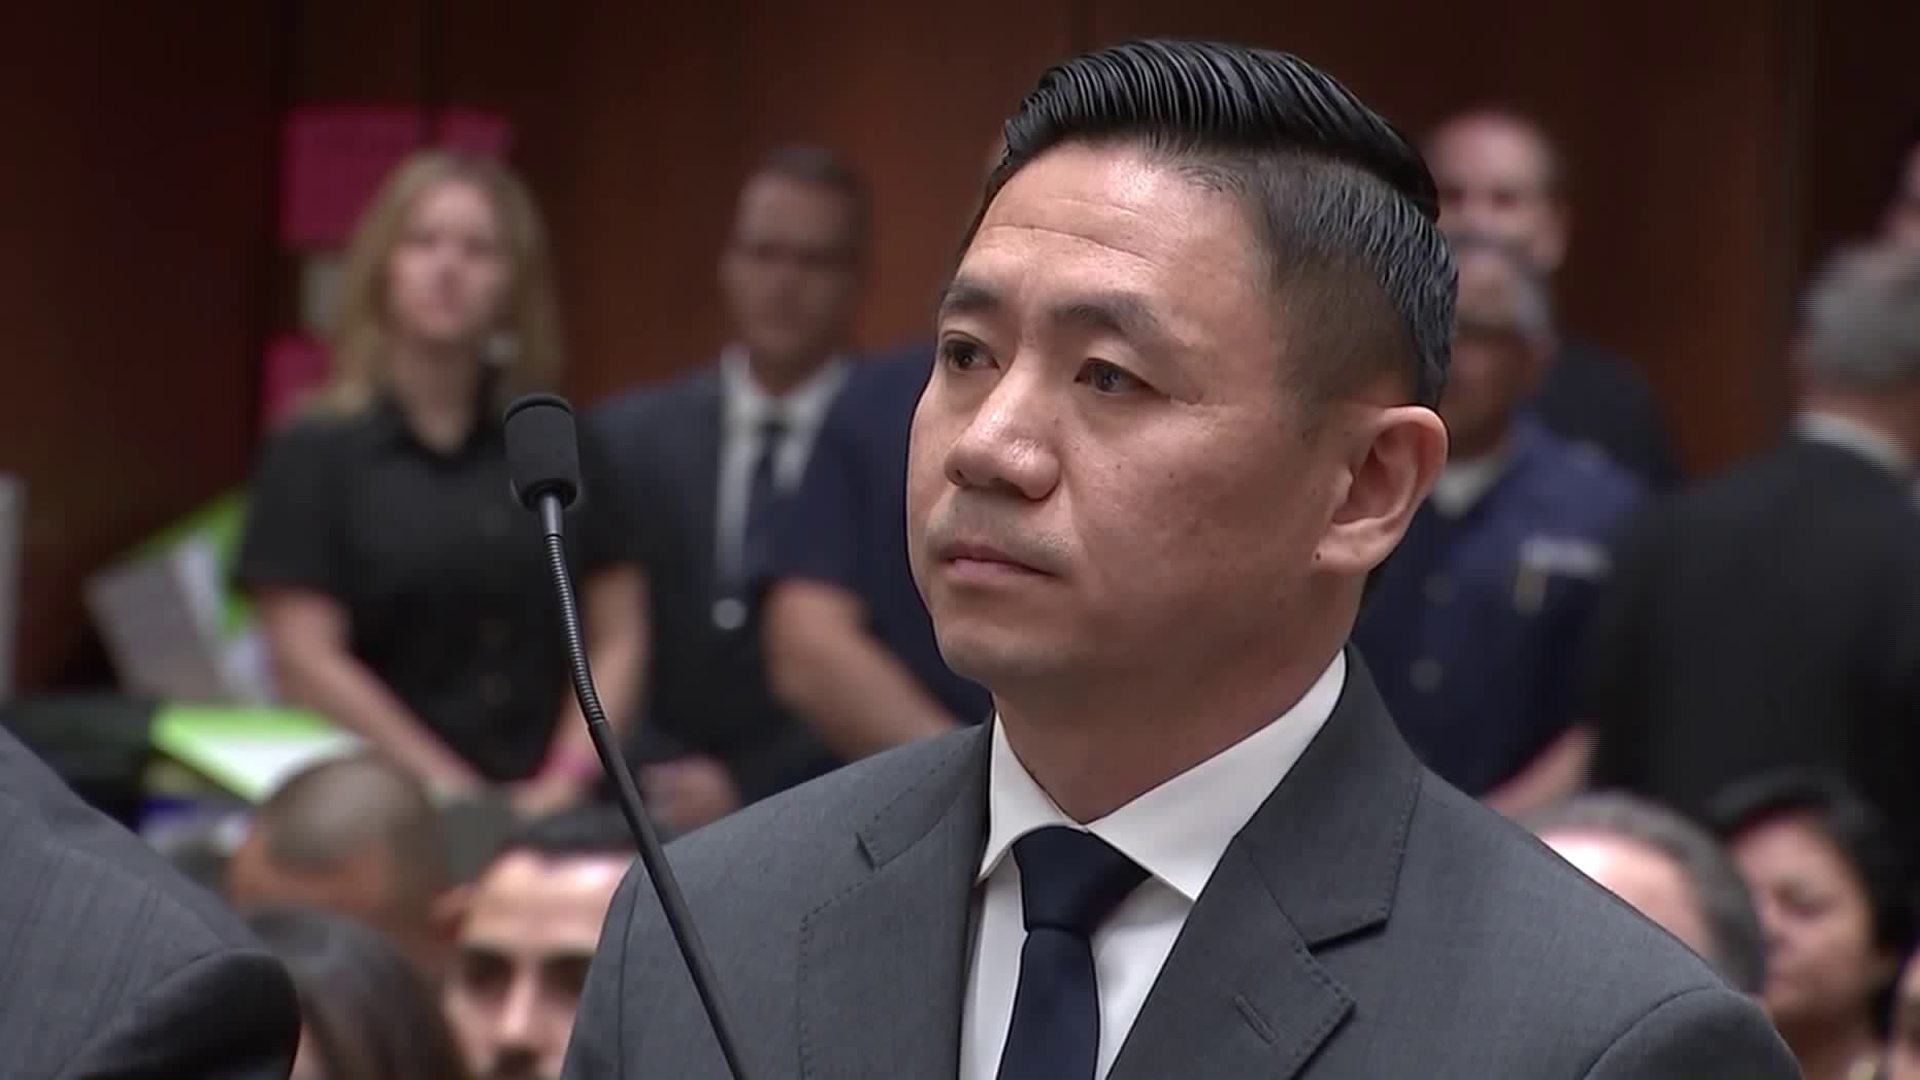 Luke Liu is seen in court on Dec. 11, 2018. (Credit: KTLA)